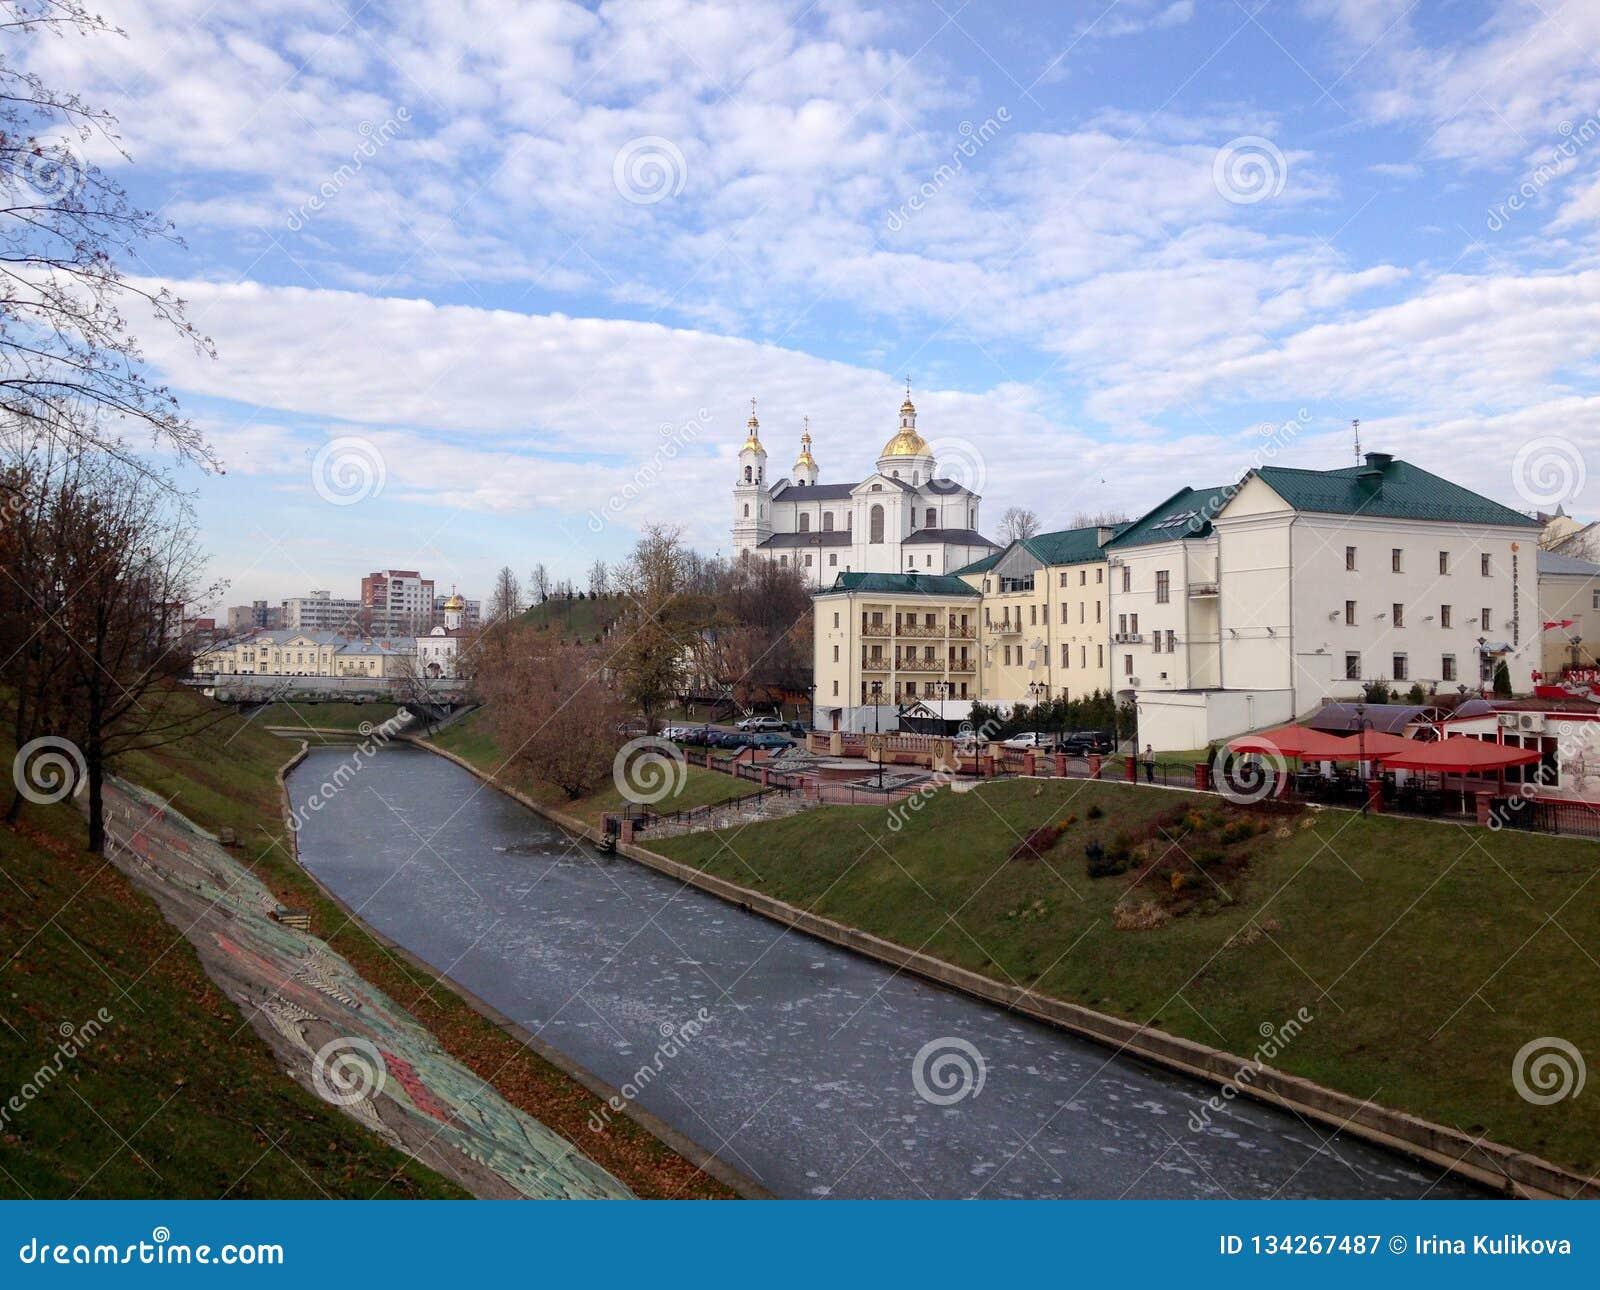 Взгляд церков и зданий за рекой, покрытый с льдом, против голубого неба с облаками Витебск, Беларусь